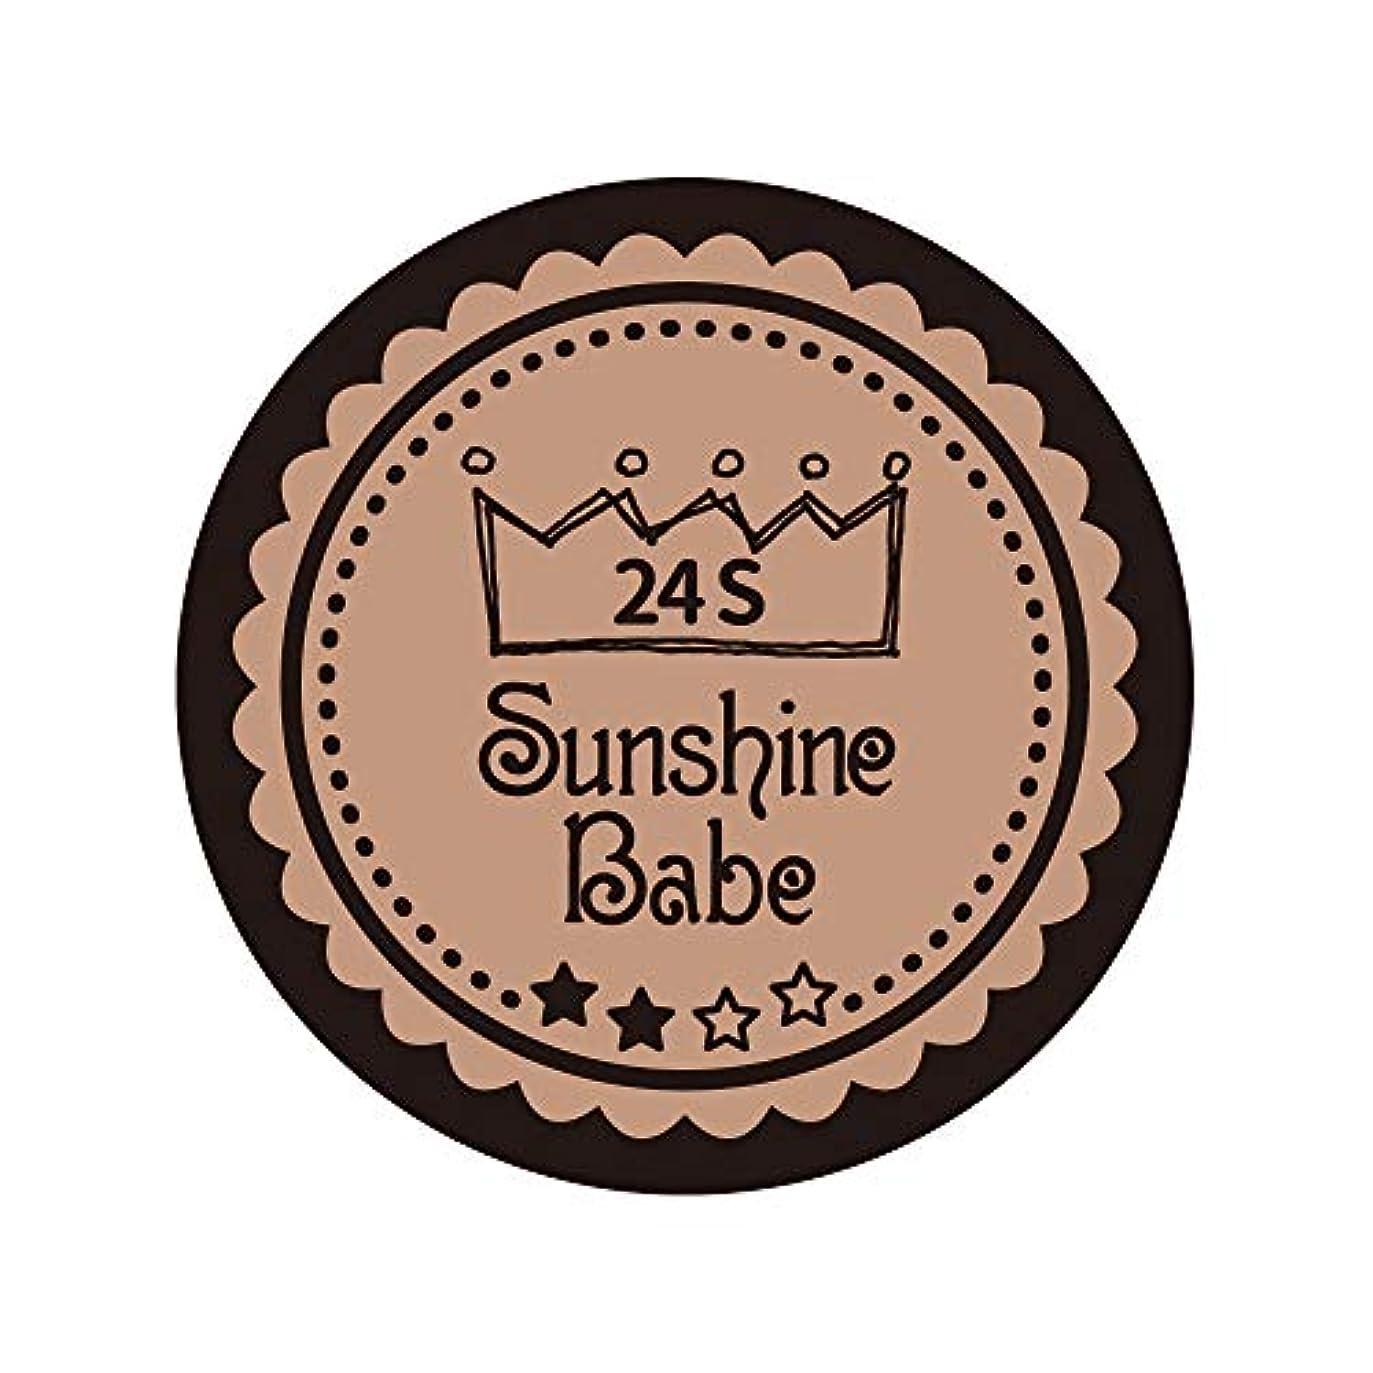 挑む納税者不適Sunshine Babe カラージェル 24S ベージュローゼ 2.7g UV/LED対応